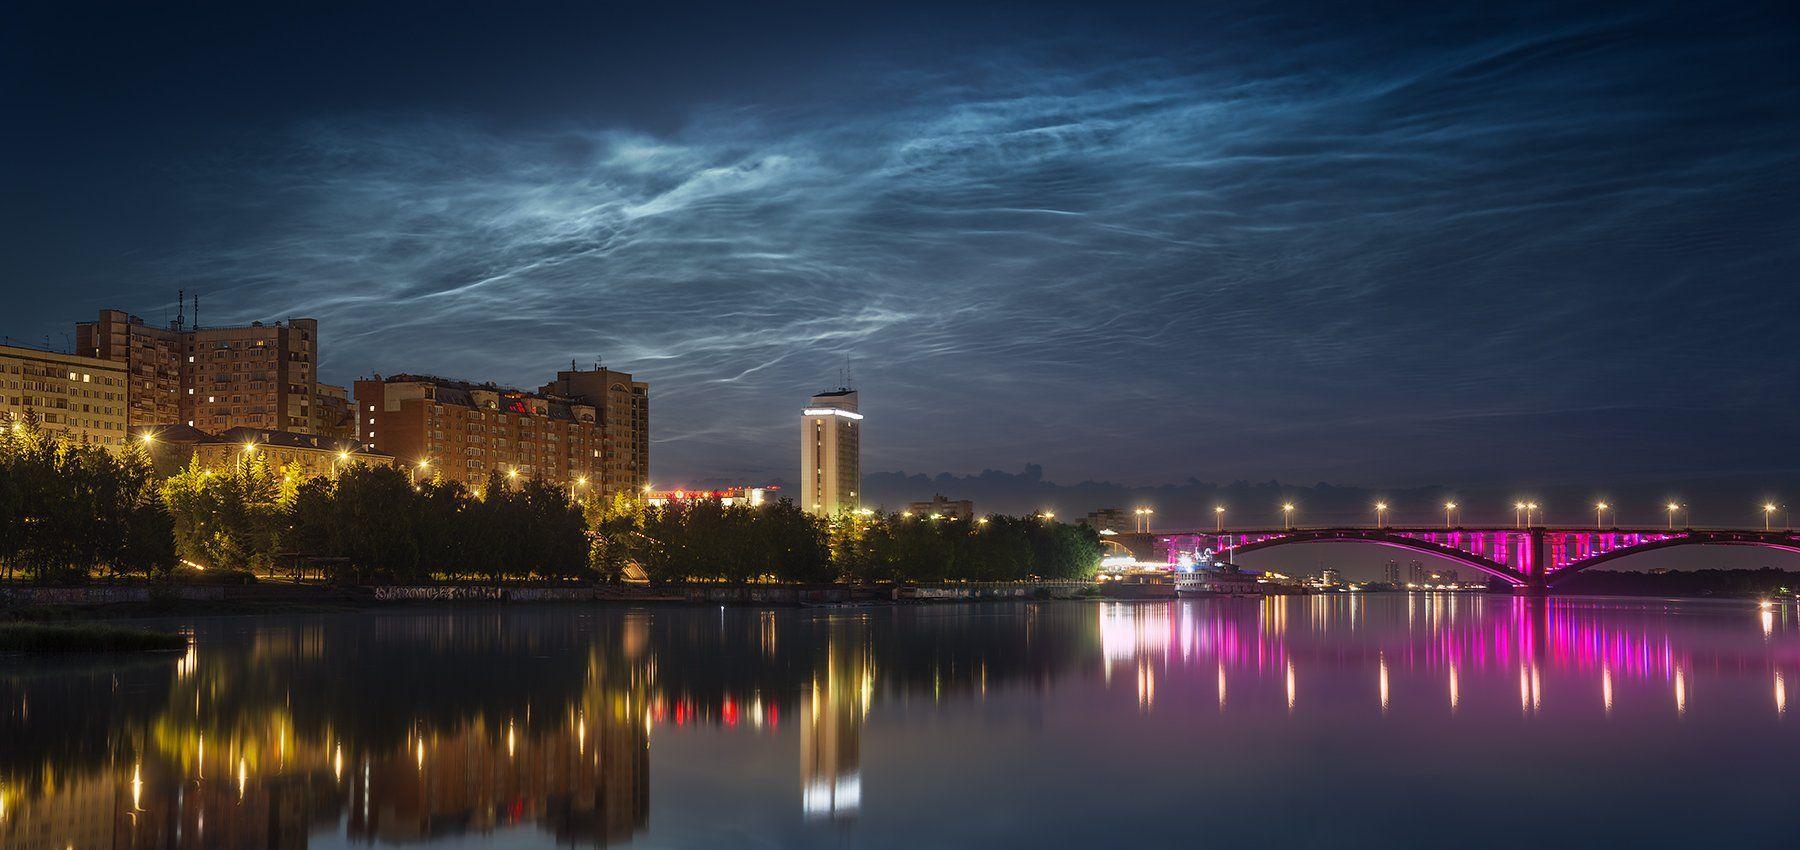 пейзаж, природа, город, небо, облака, серебристые, ночь, панорама, река, енисей, красноярск, мост, подсветка, набережная, отражение, архитектура, широкий, большой, красивая, свет, Антипов Дмитрий